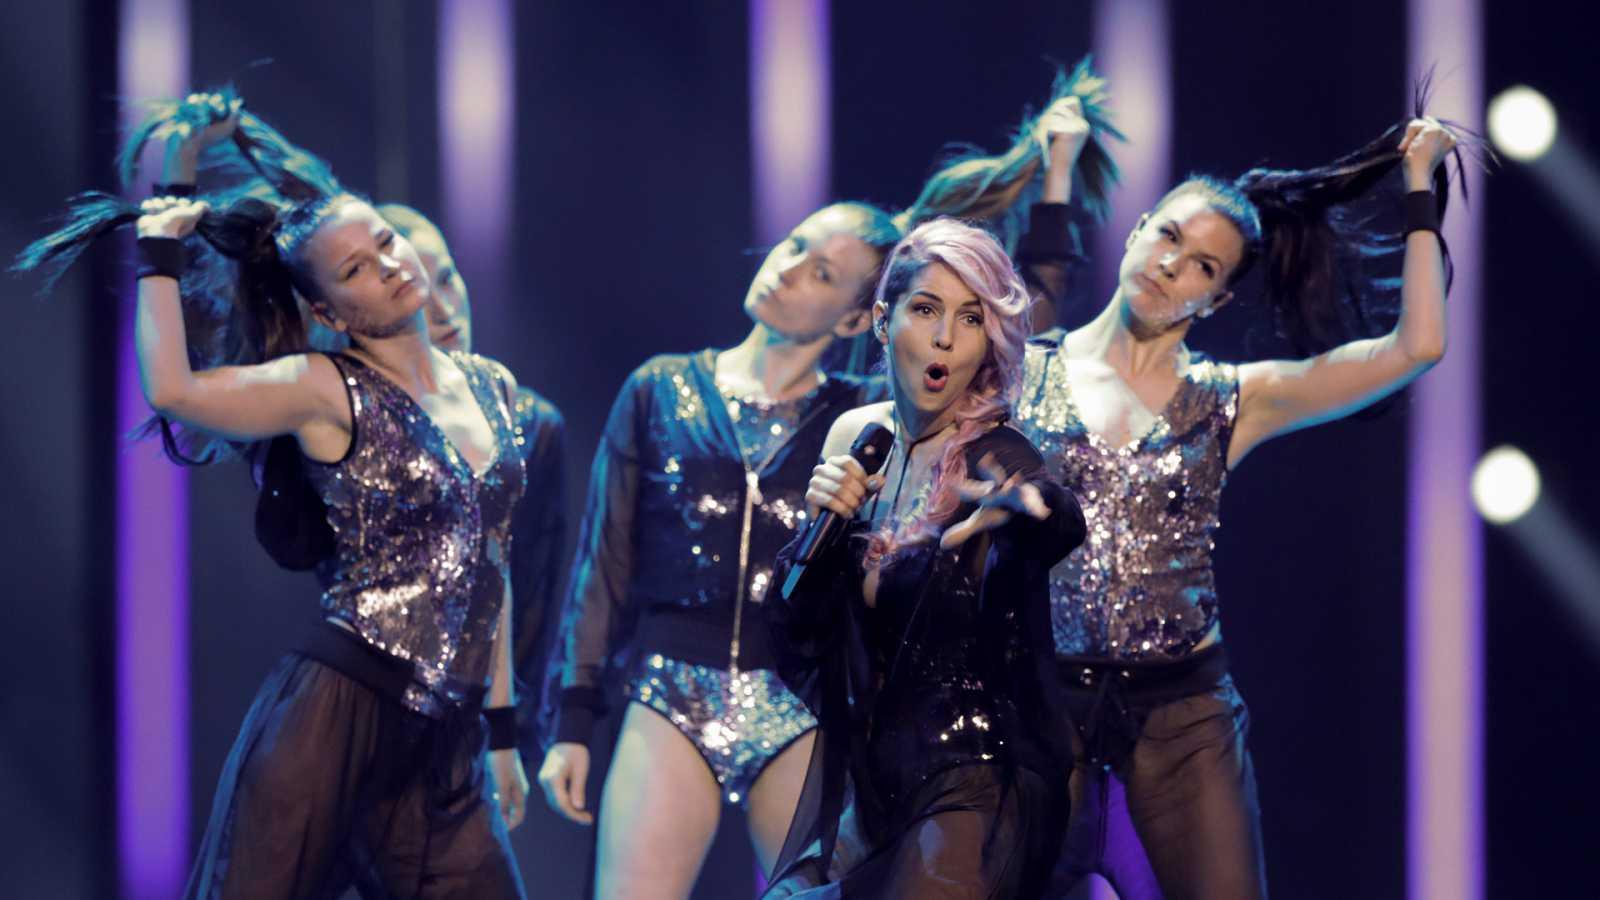 """Eurovisión - Eslovenia: Lea Sirk canta """"Hvala, ne!"""" en la segunda semifinal de Eurovisión 2018"""